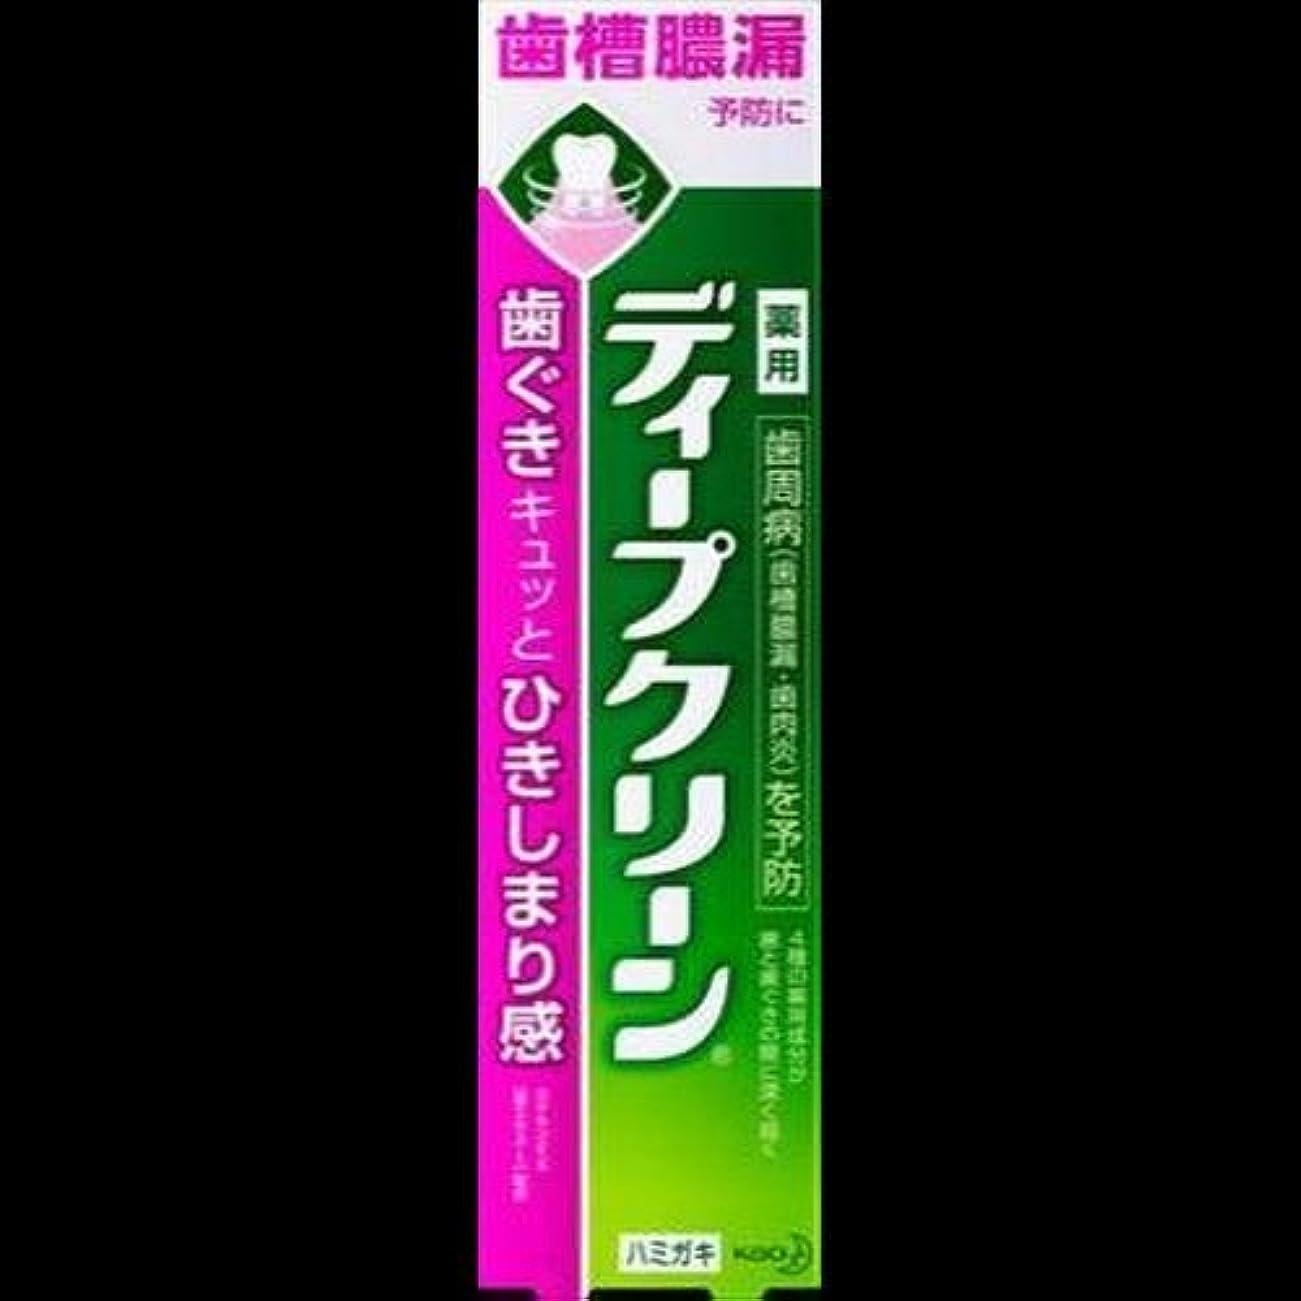 代わって炎上味わう【まとめ買い】ディープクリーン 薬用ハミガキ 100g ×2セット